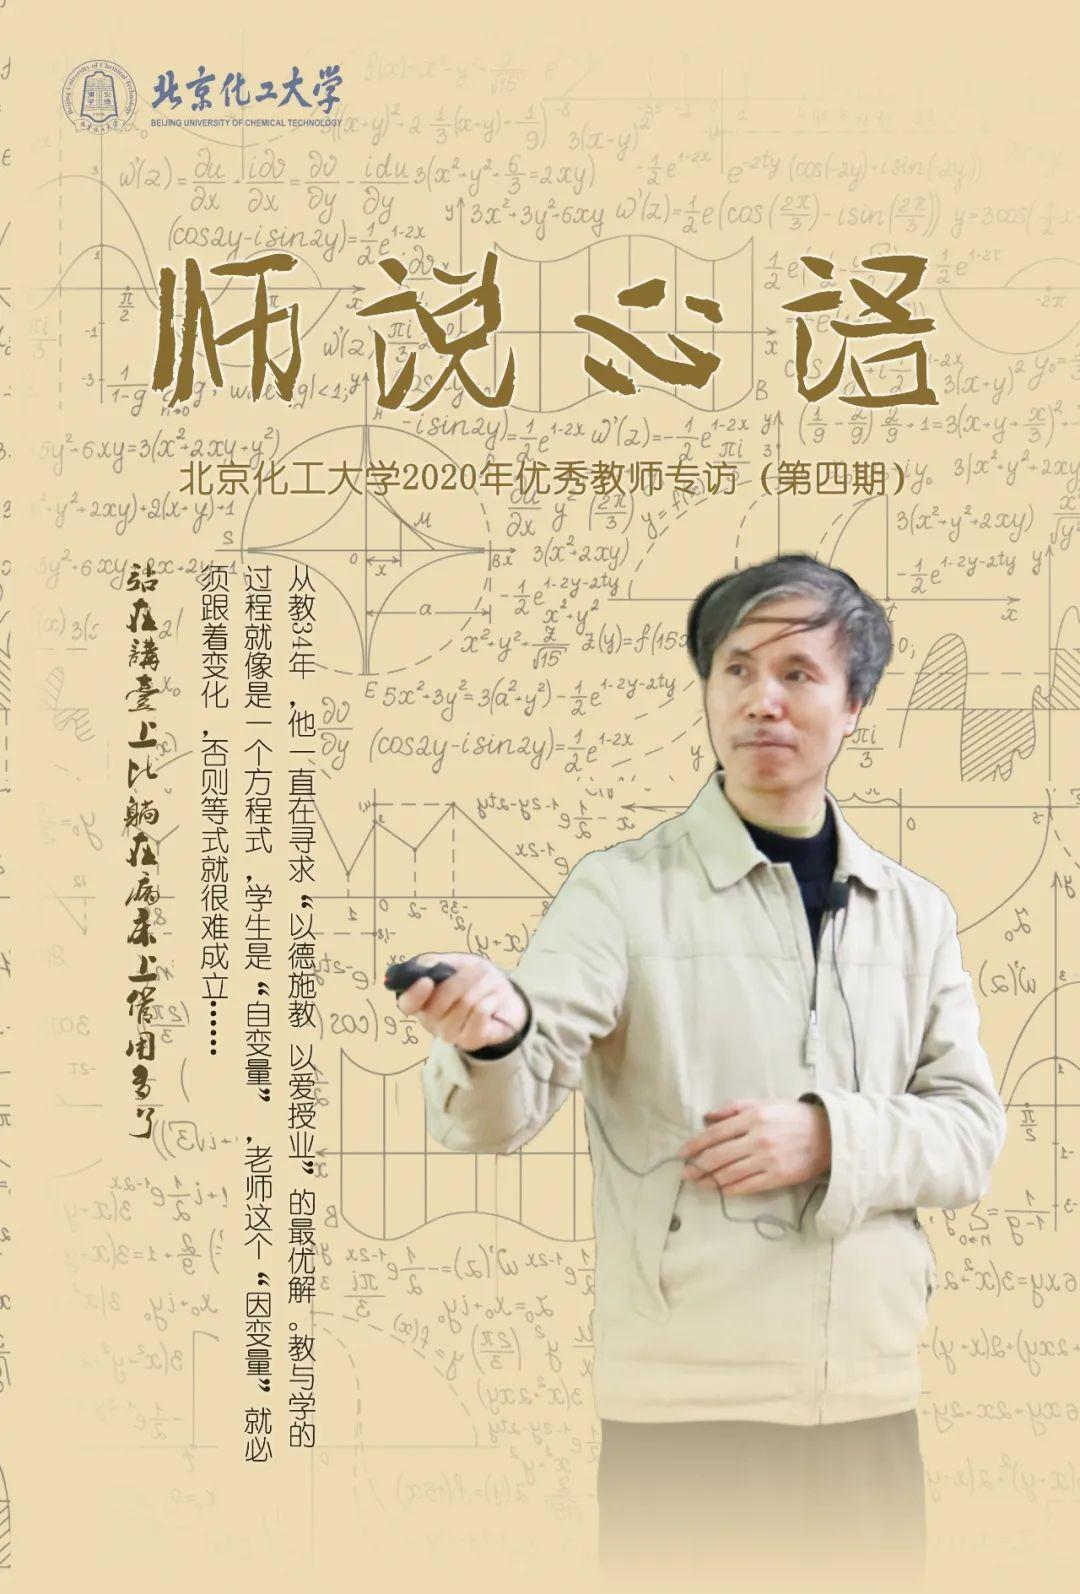 黄晋阳:站在讲台上比躺在病床上管用多了……图片